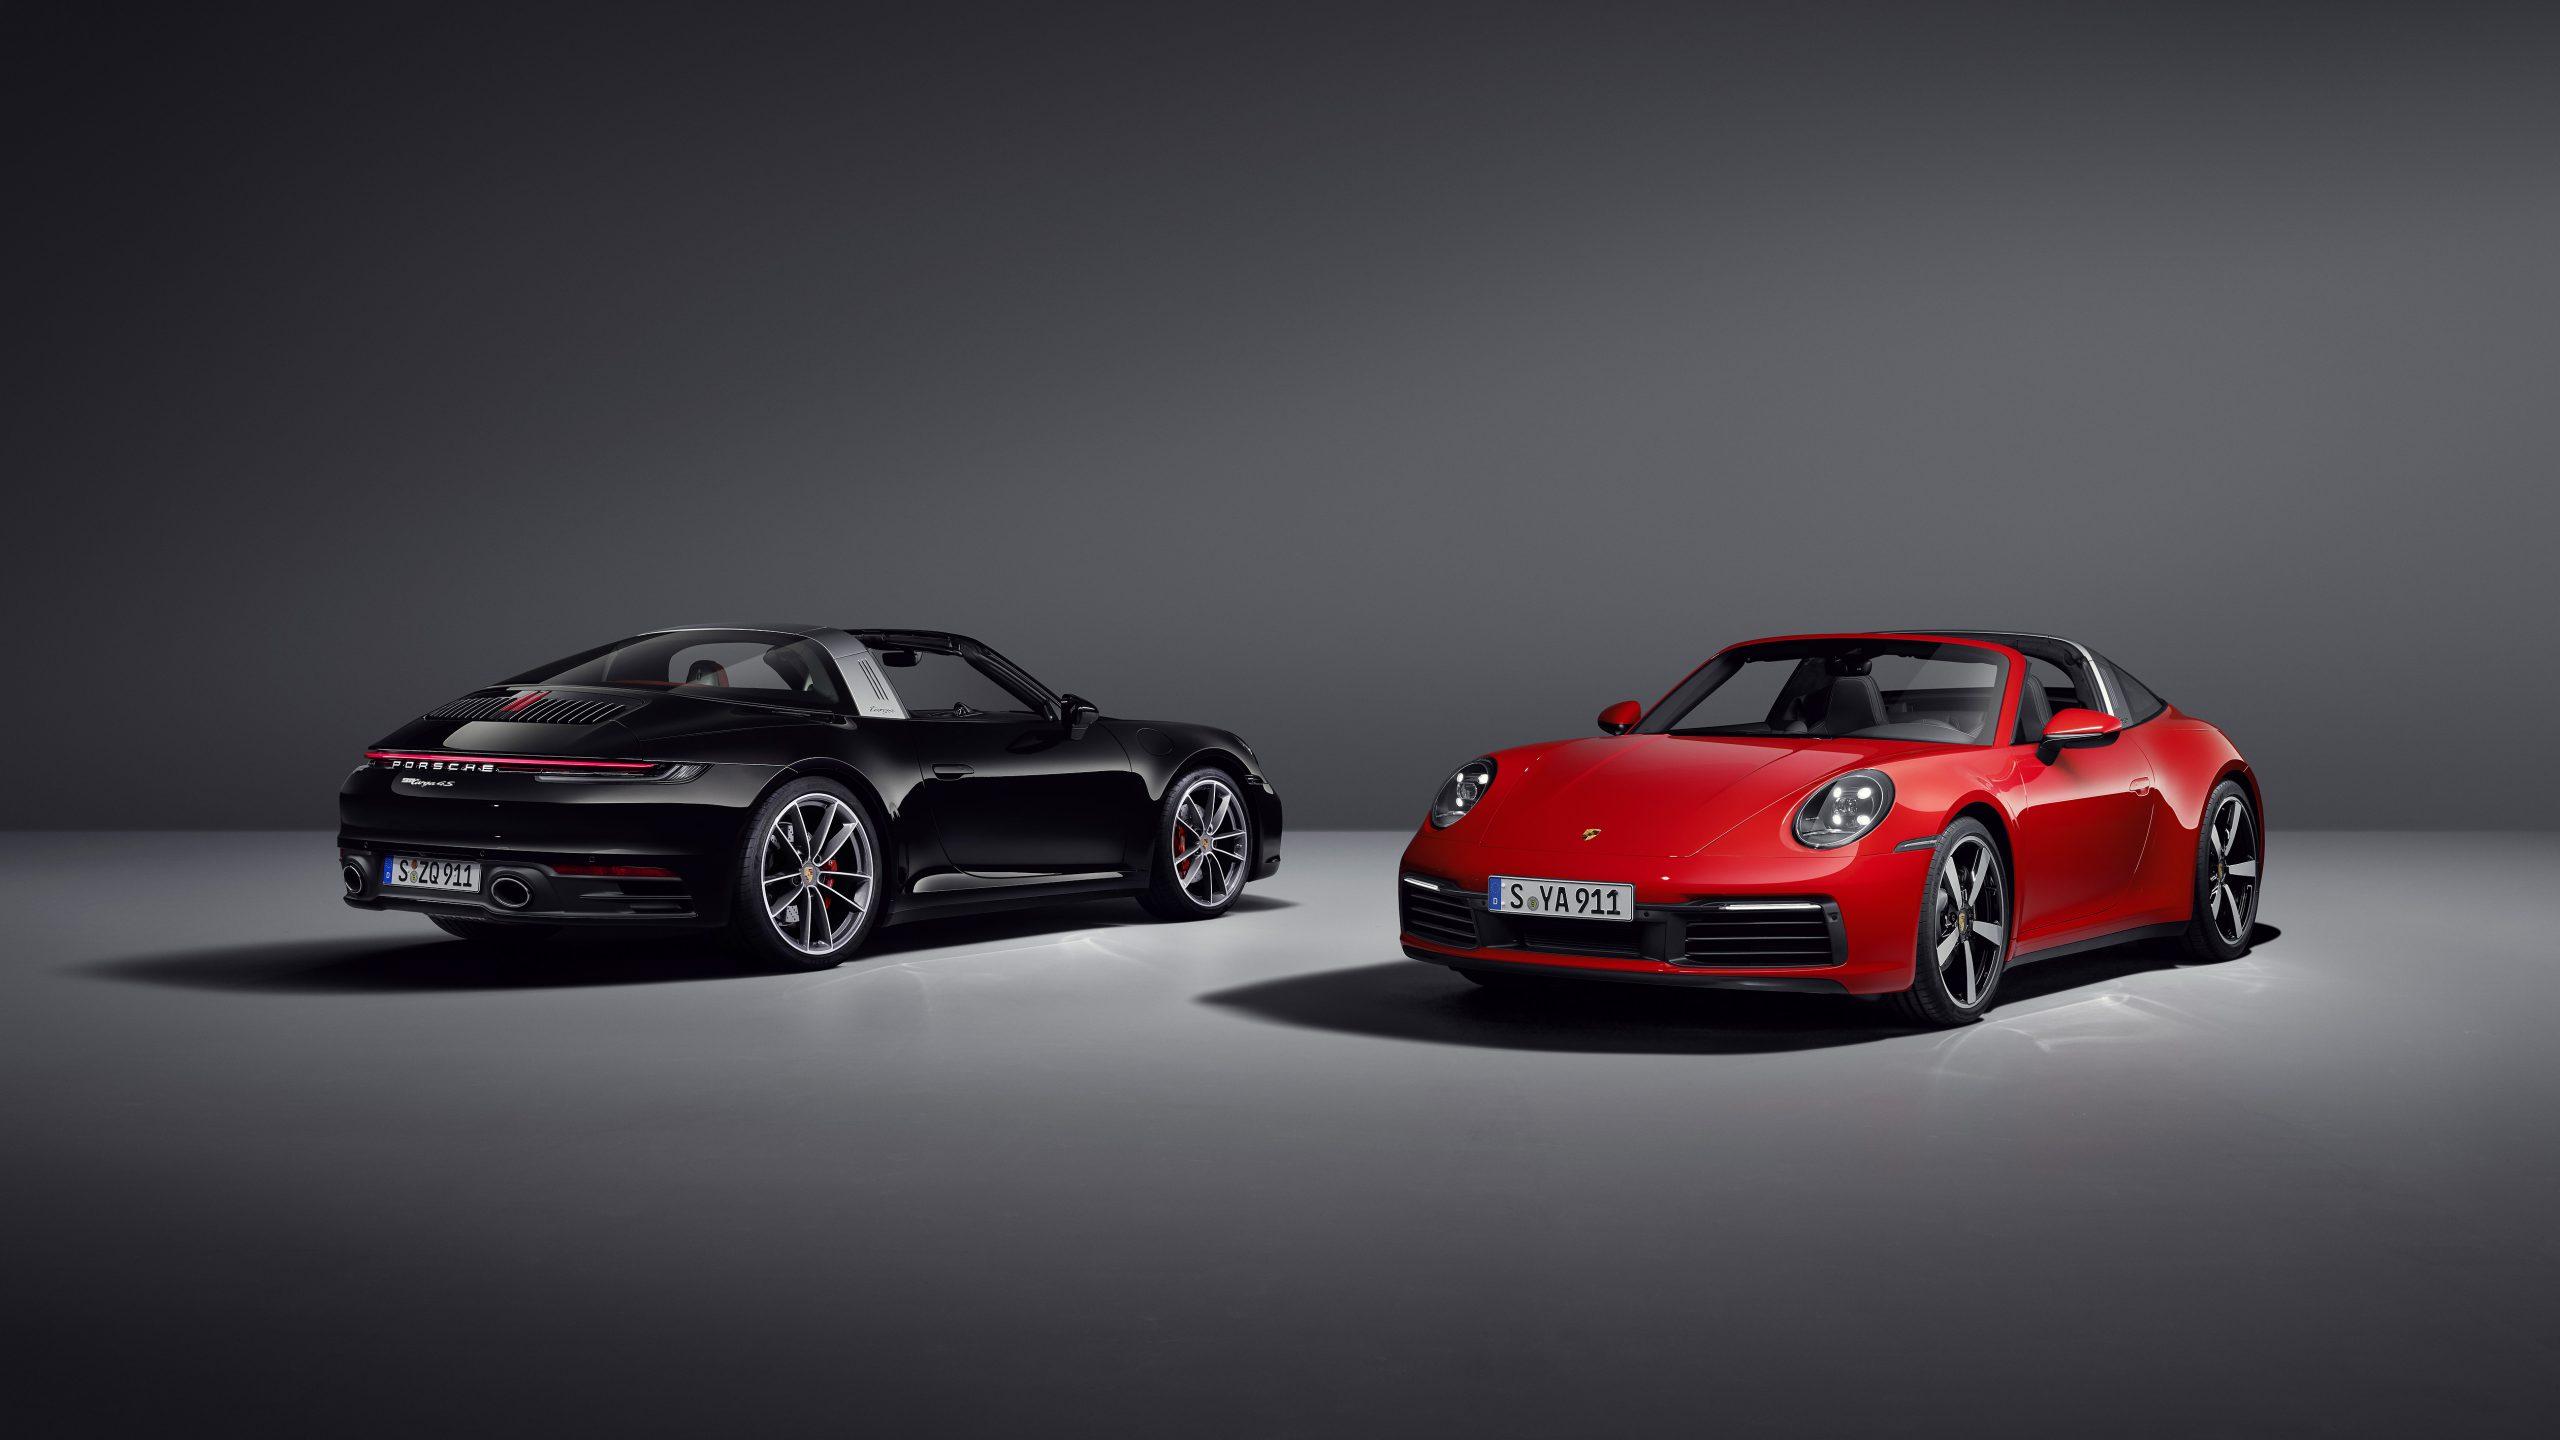 The Porsche 911 Targa 4S (L) and the Porsche 911 Targa 4 (R).